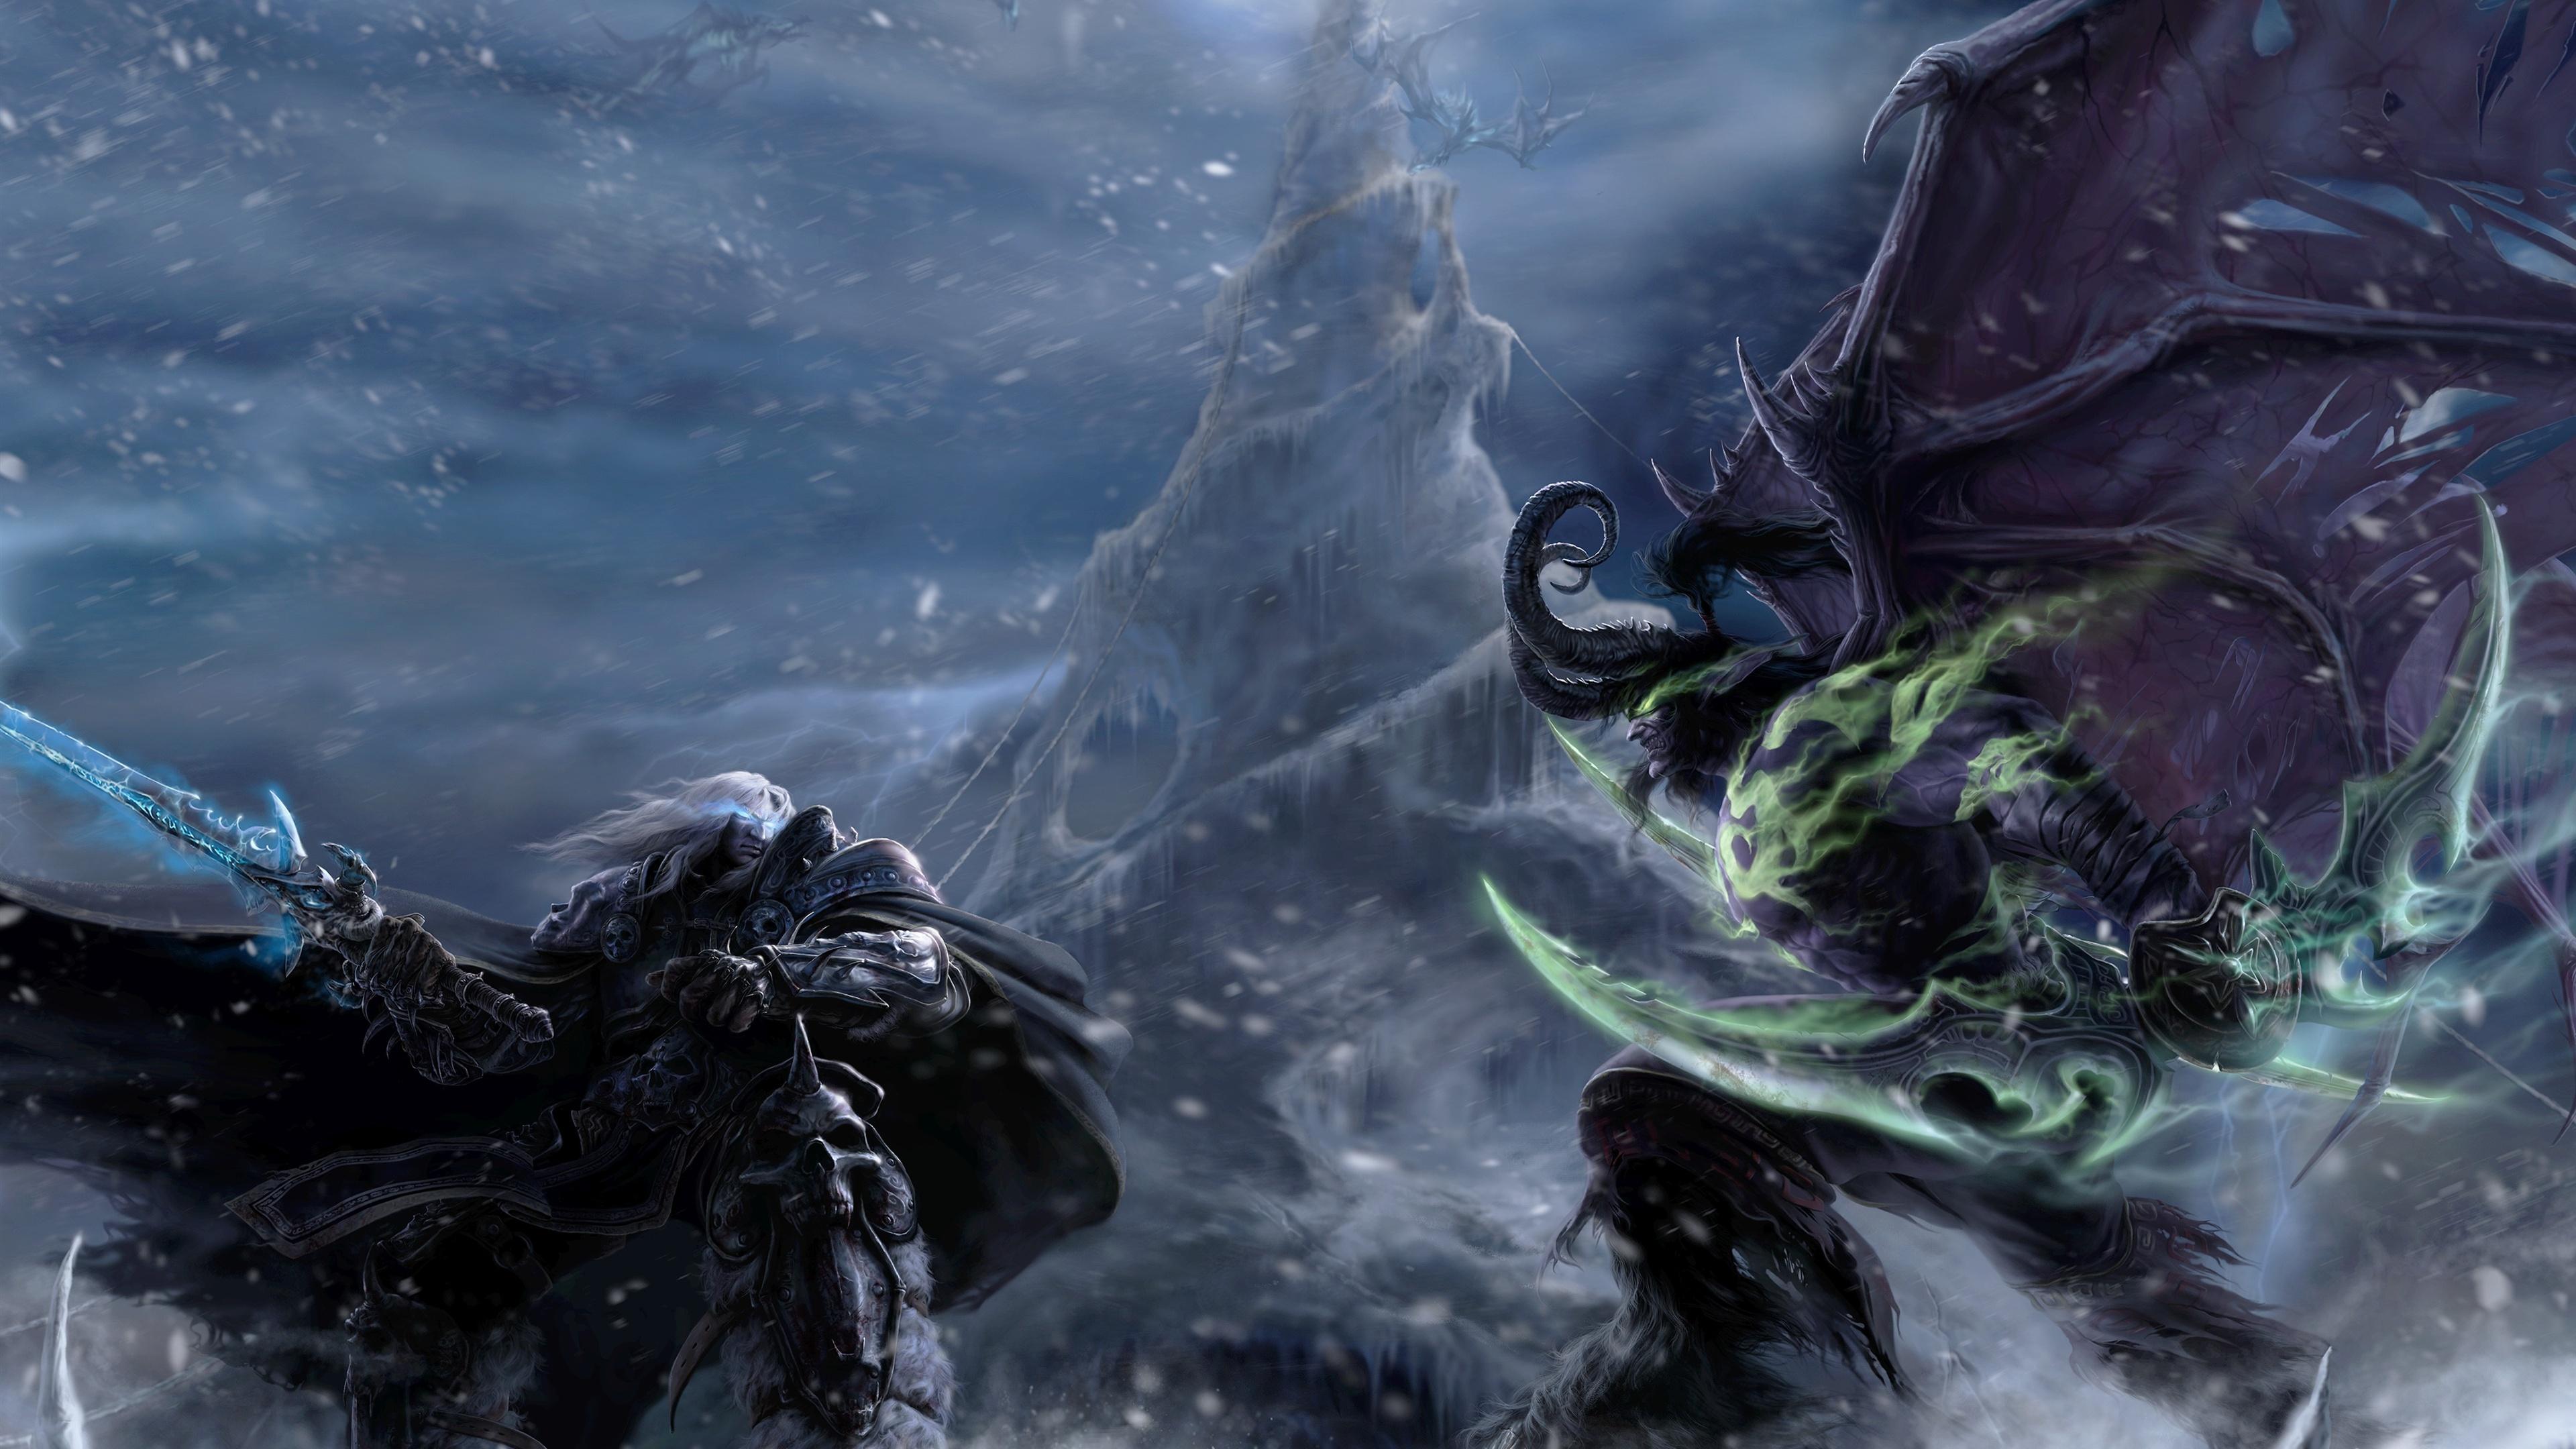 Wallpaper Illidan Stormrage Warcraft Demon Elf Art Picture